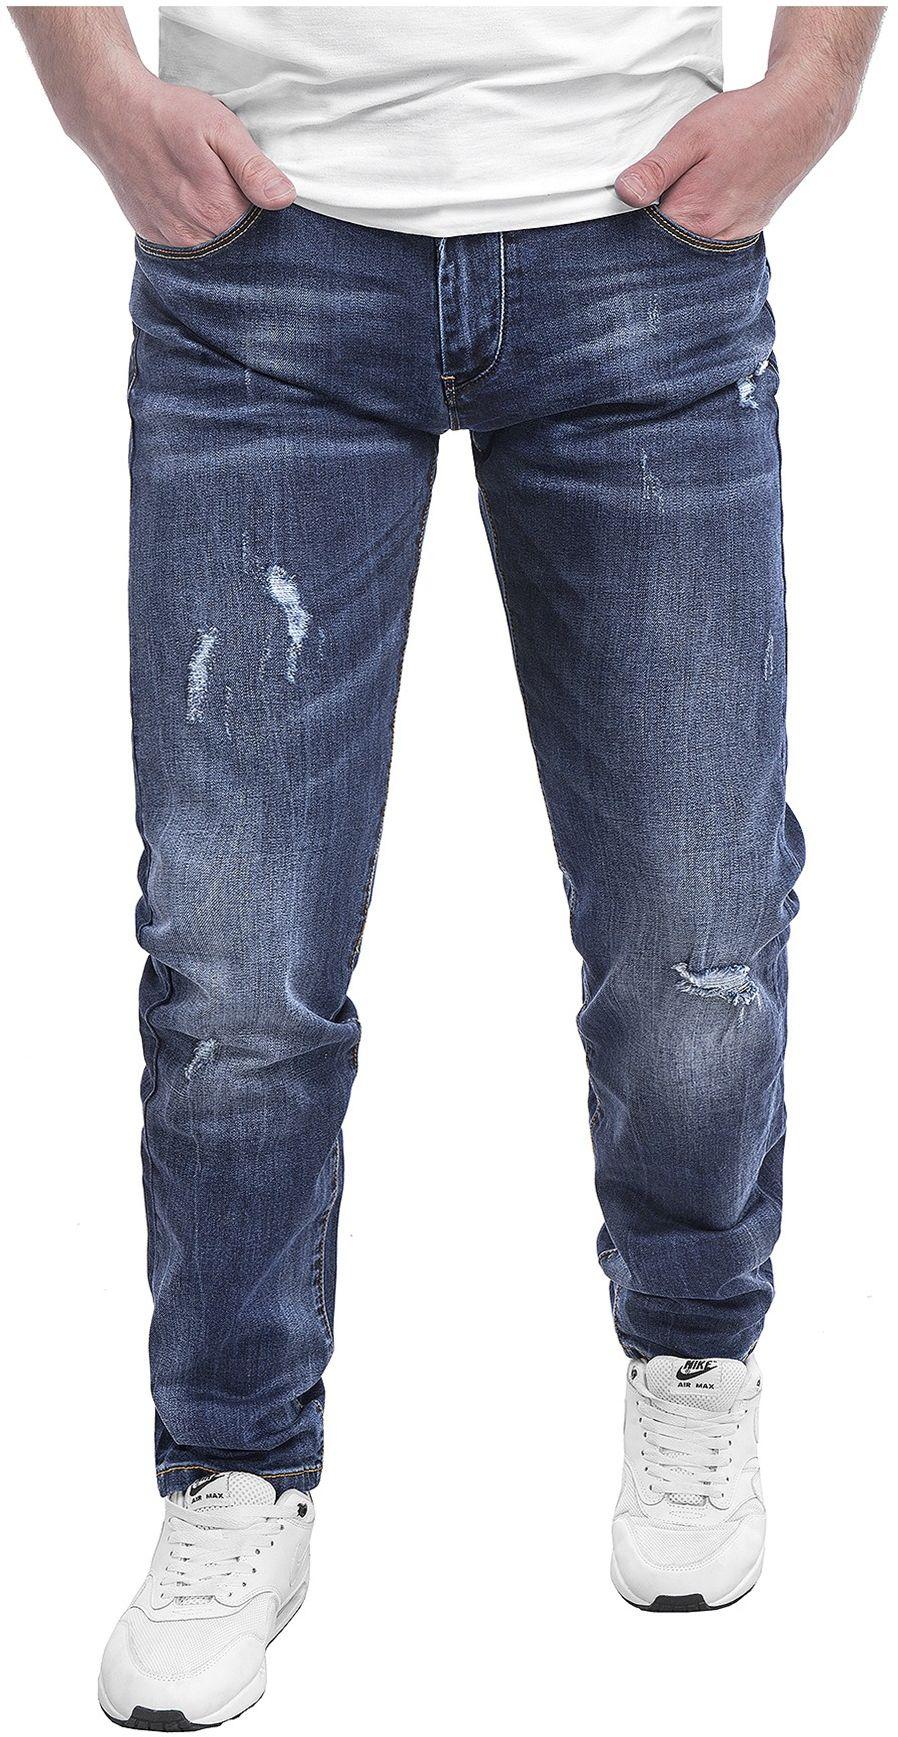 Spodnie męskie jeansowe SM663